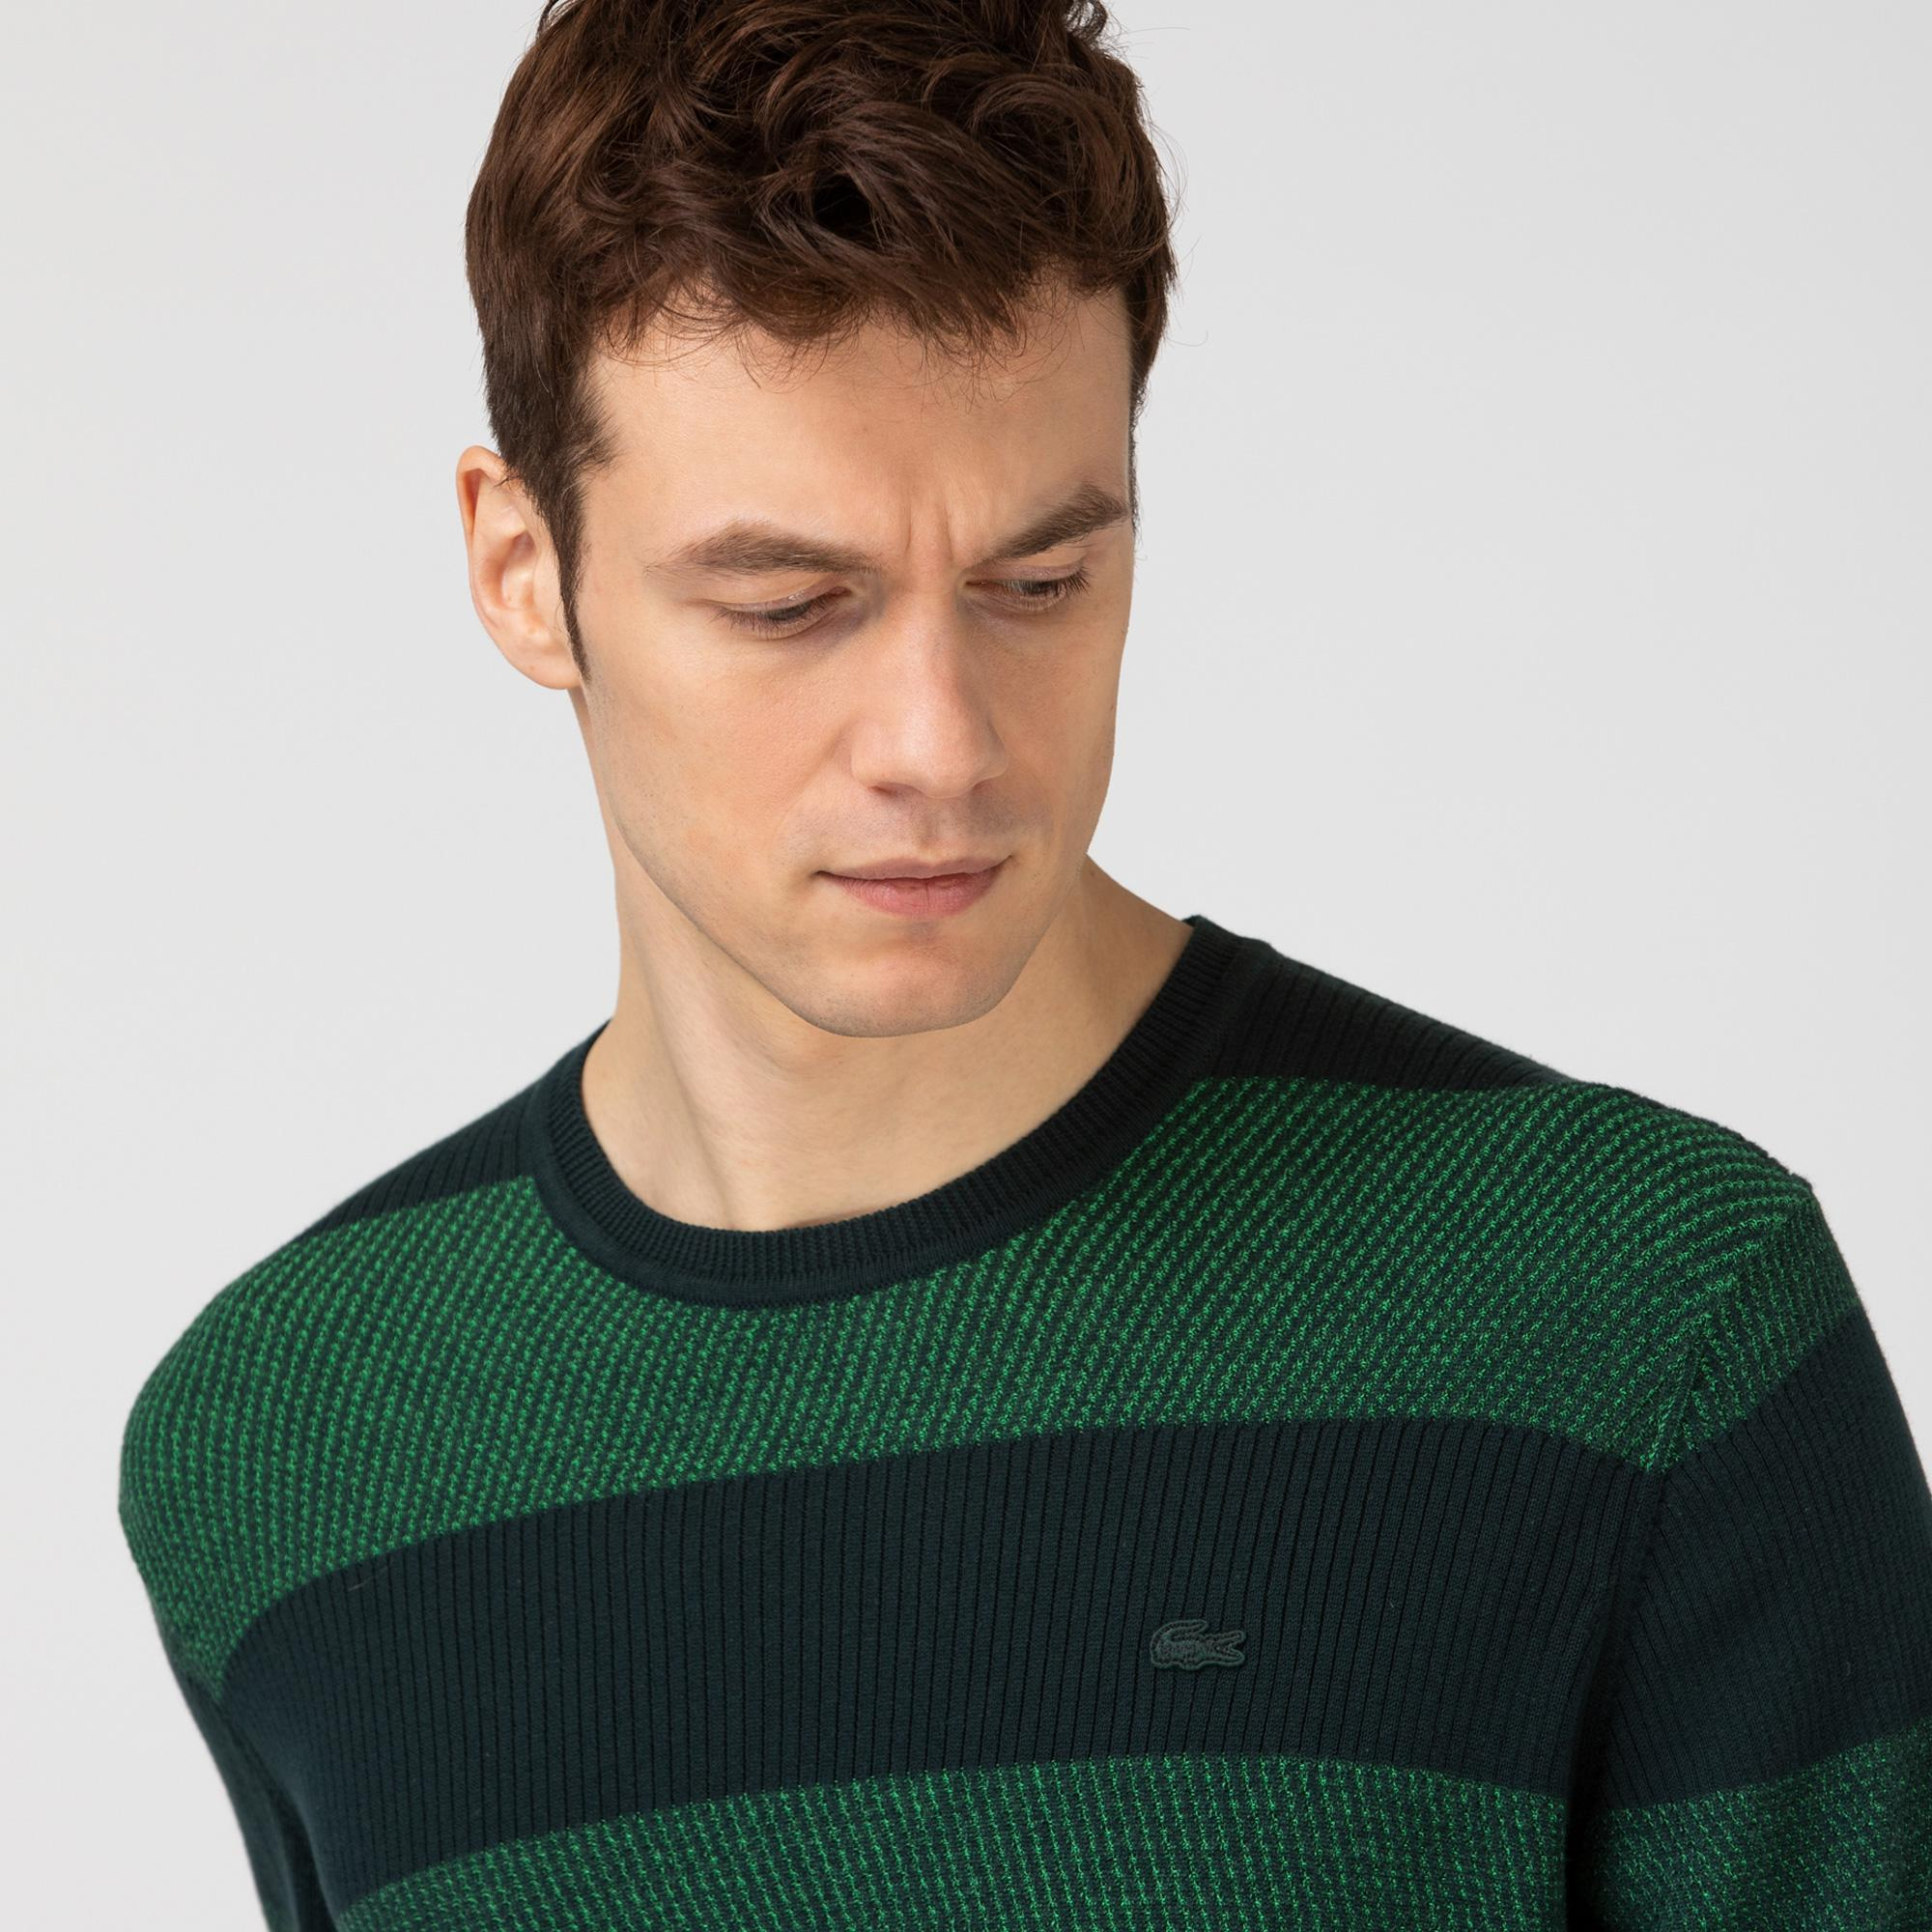 Lacoste Erkek Yeşil Renk Bloklu Triko Kazak